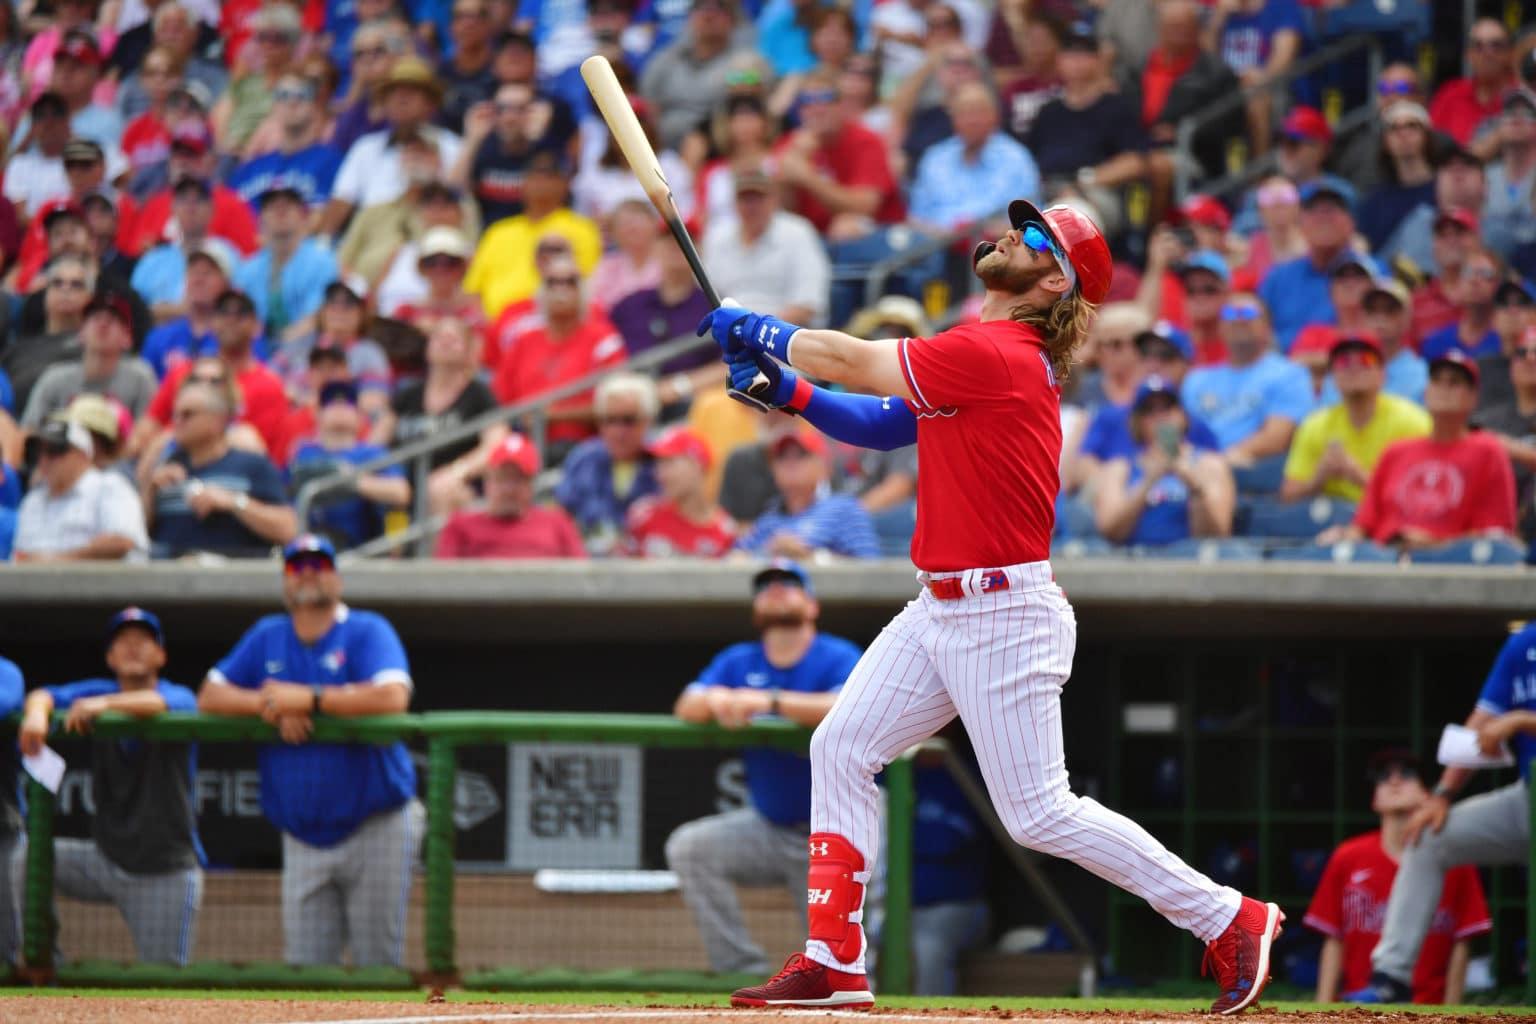 Plataformas digitales transmitirán juegos de béisbol el Día de Inauguración